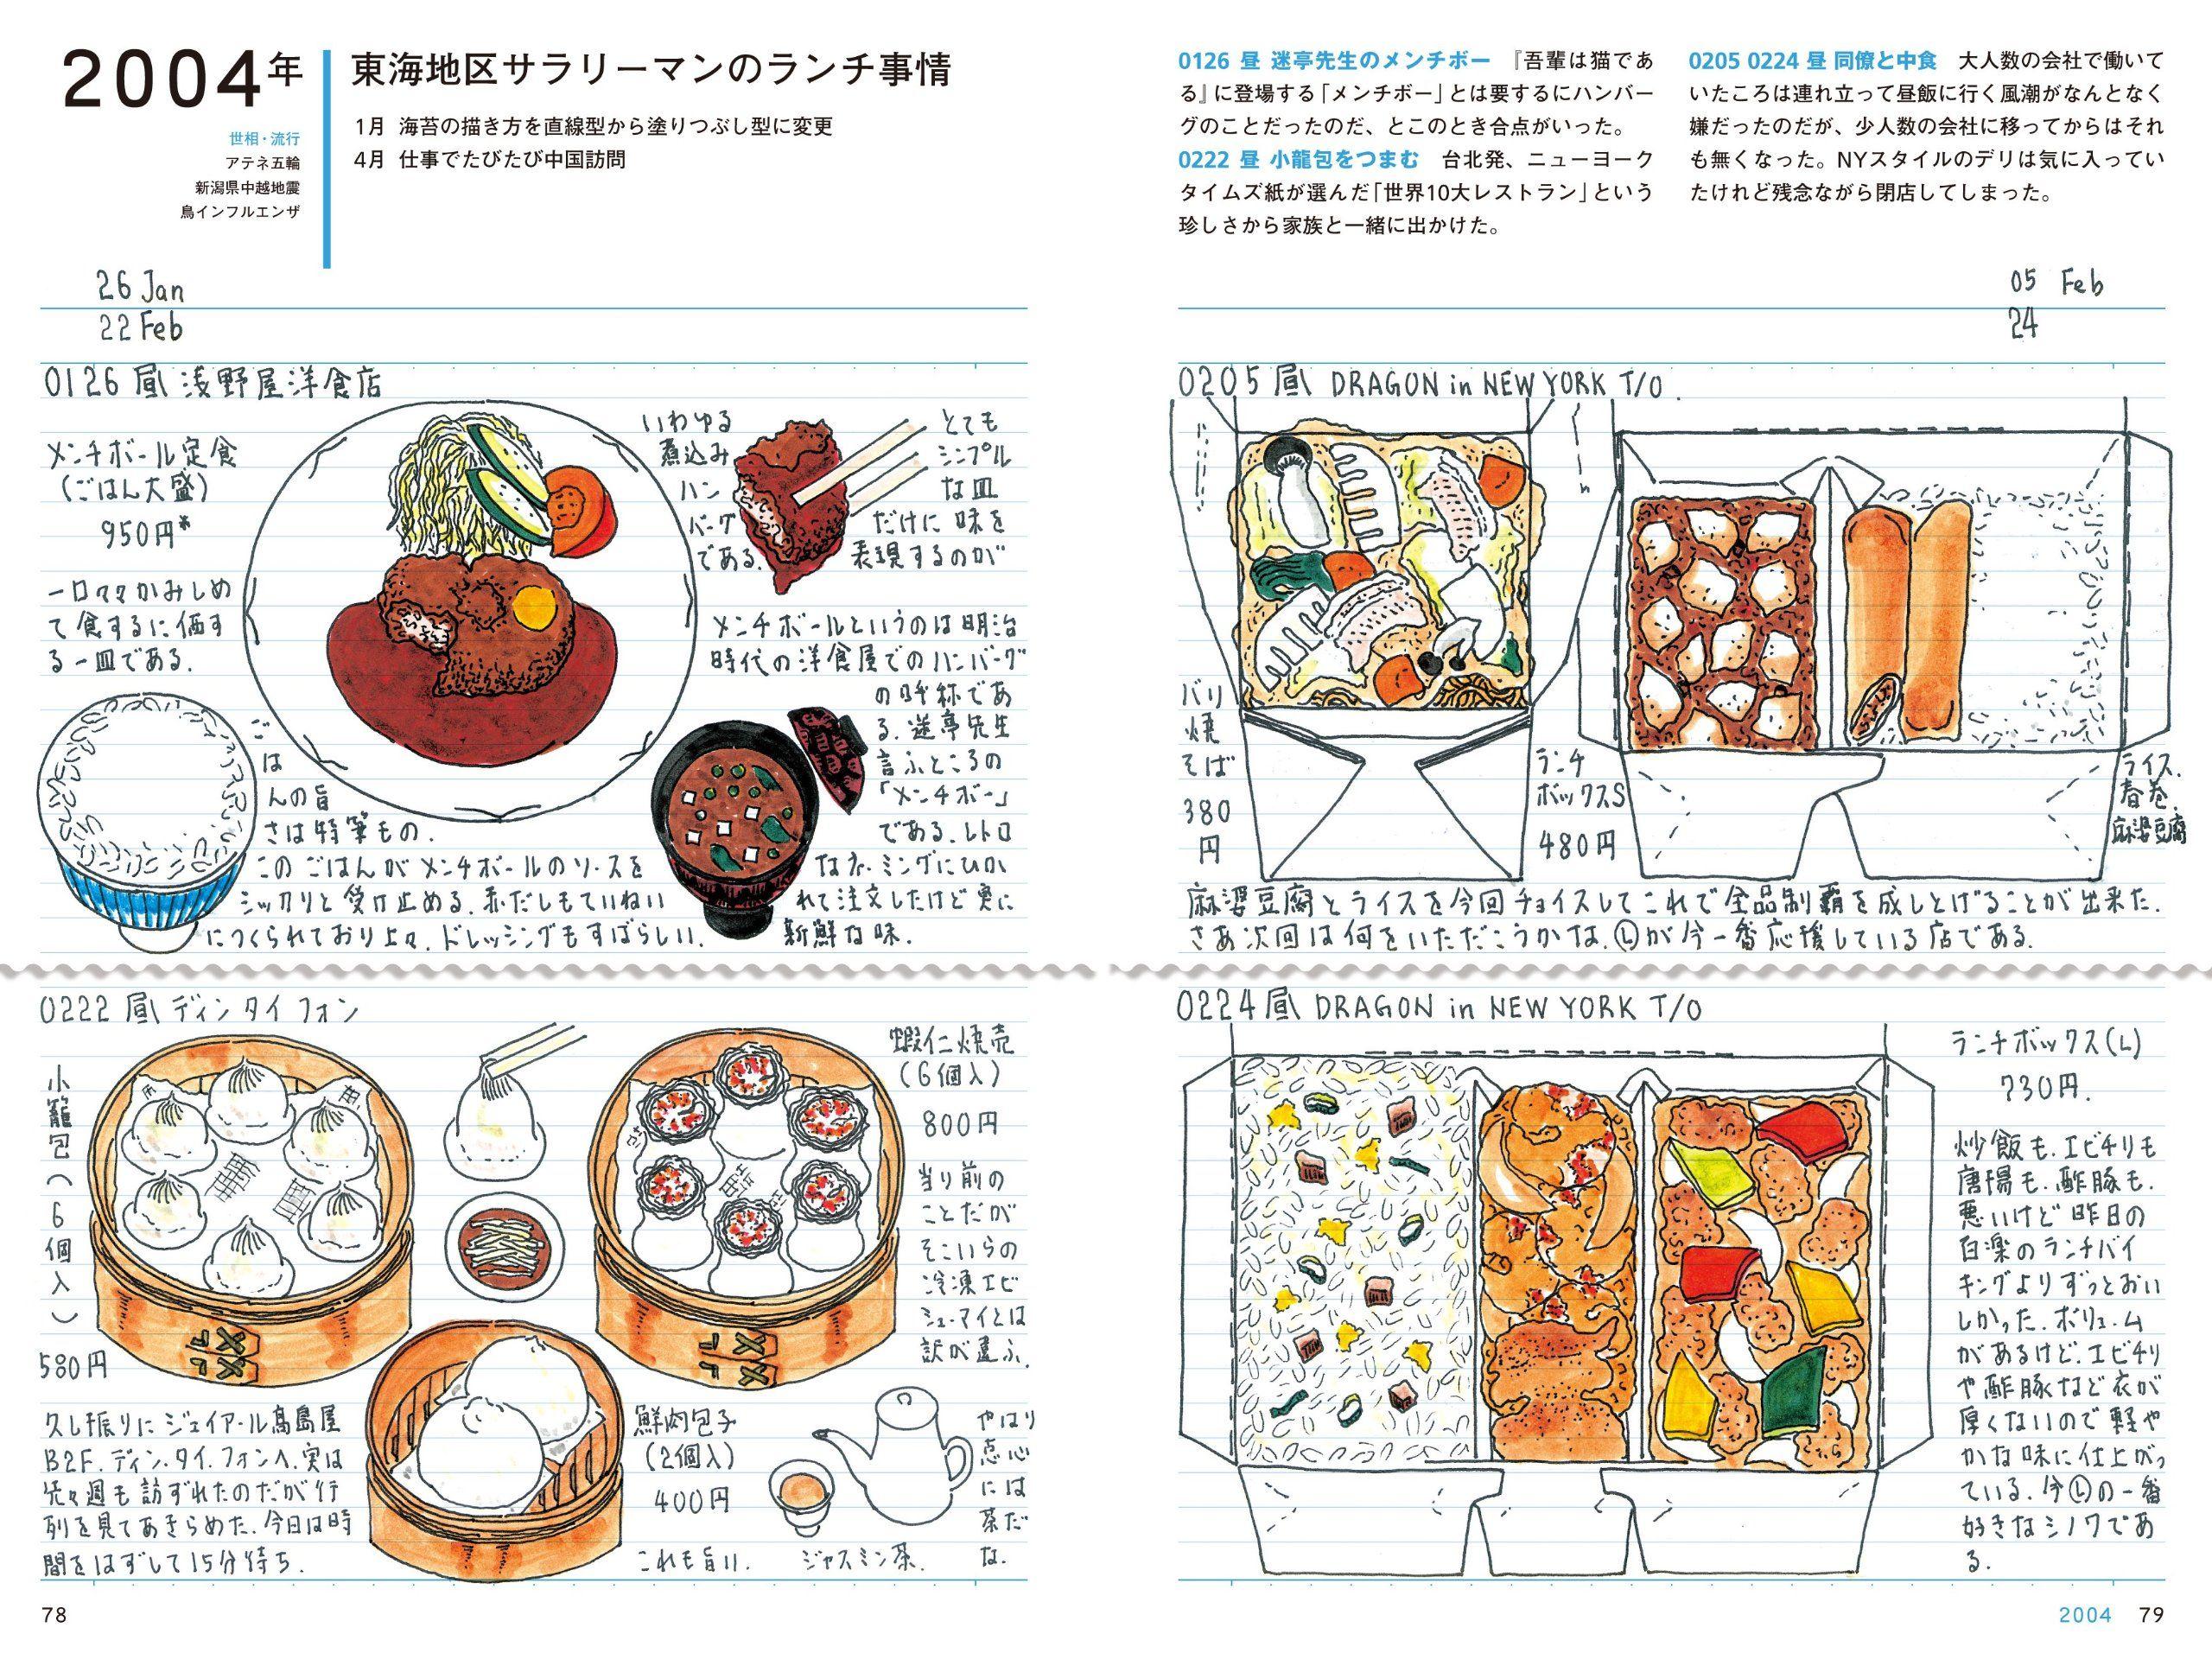 手書き 文字 絵日記 - google 検索 | お弁当手書きイラスト